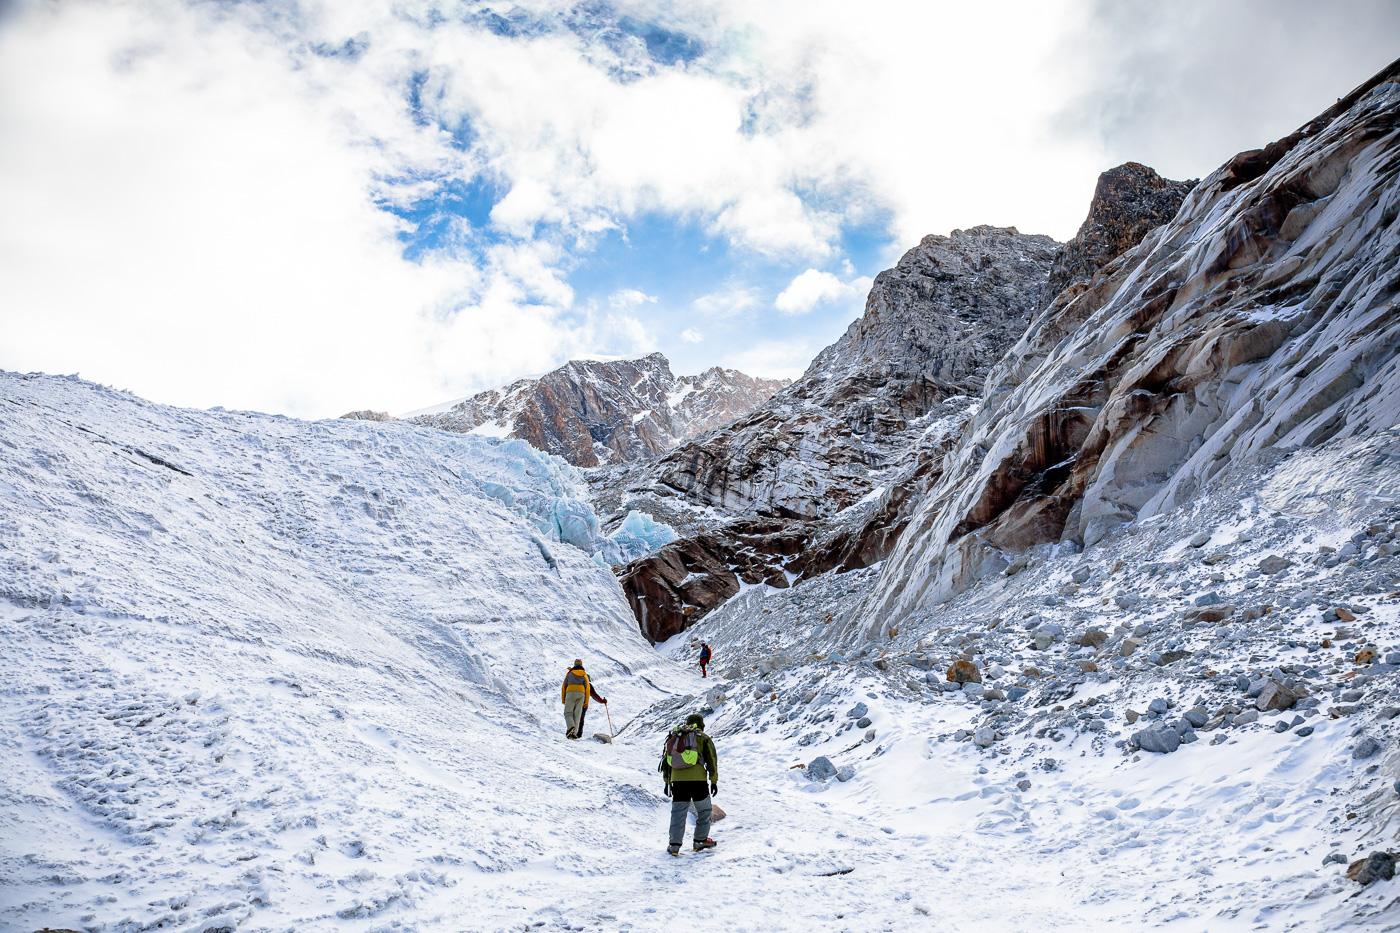 Ice Climbing Huayna Potosi Glacier Bolivia -13- July 2015